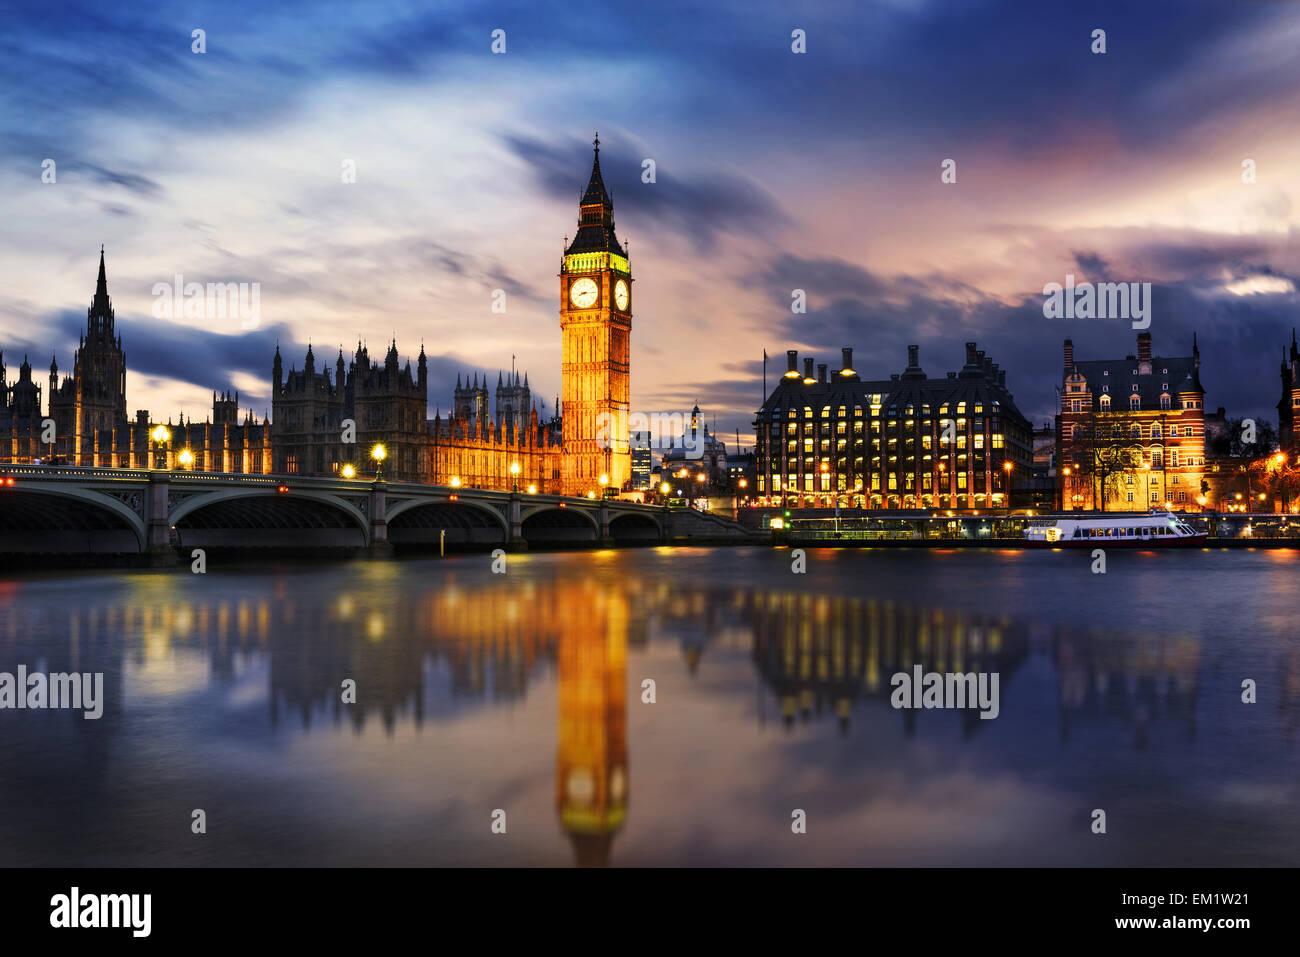 El Big Ben y las Casas del Parlamento al anochecer, Londres, Reino Unido. Foto de stock